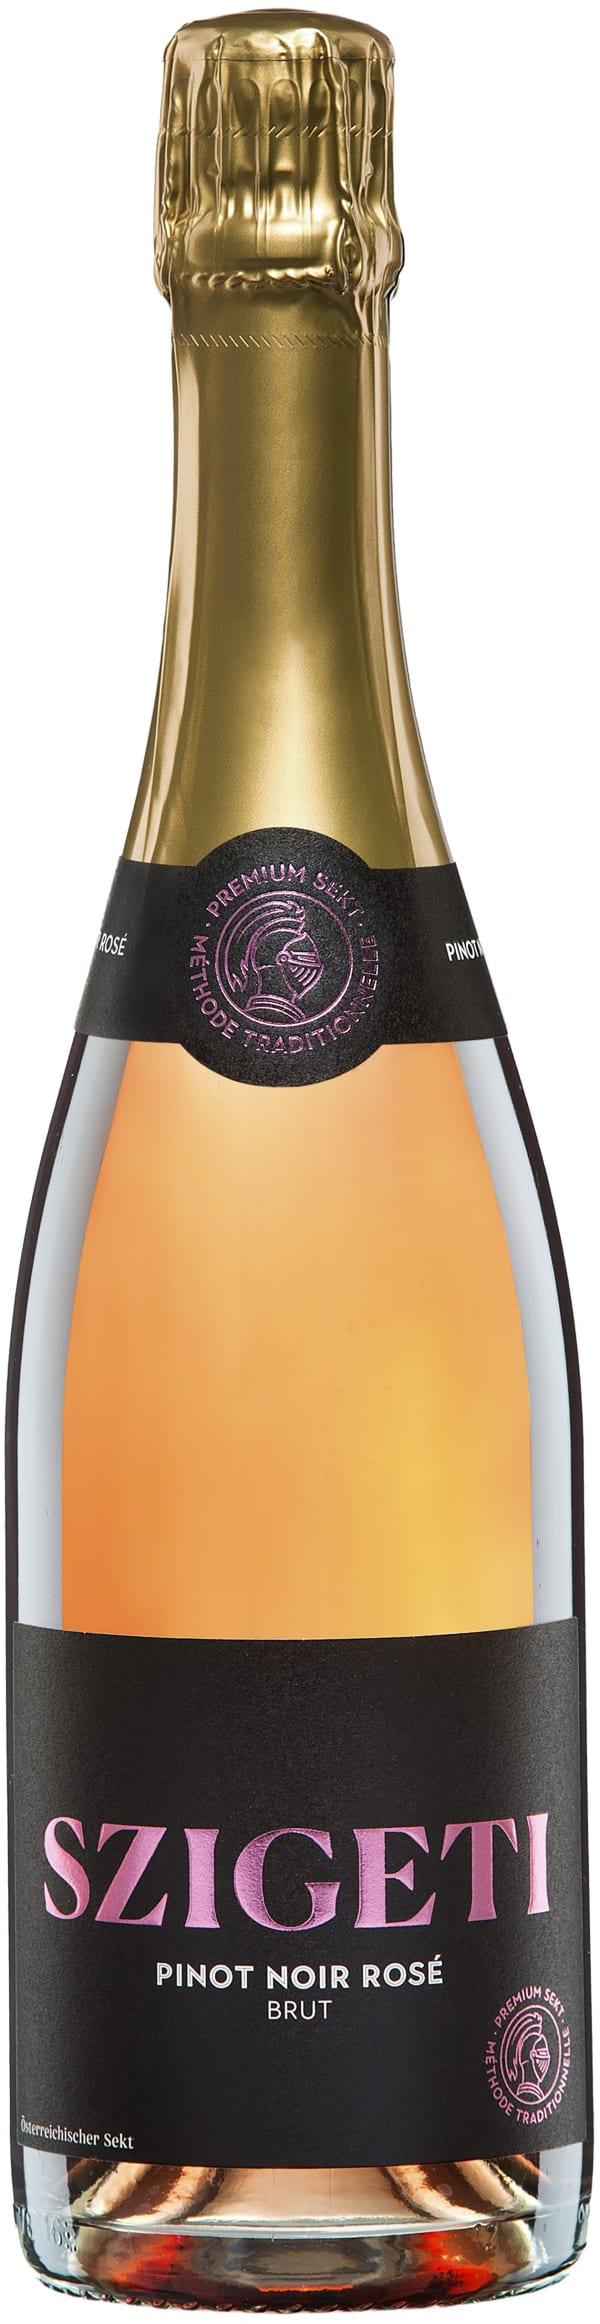 Szigeti Pinot Noir Rosé Brut 2017